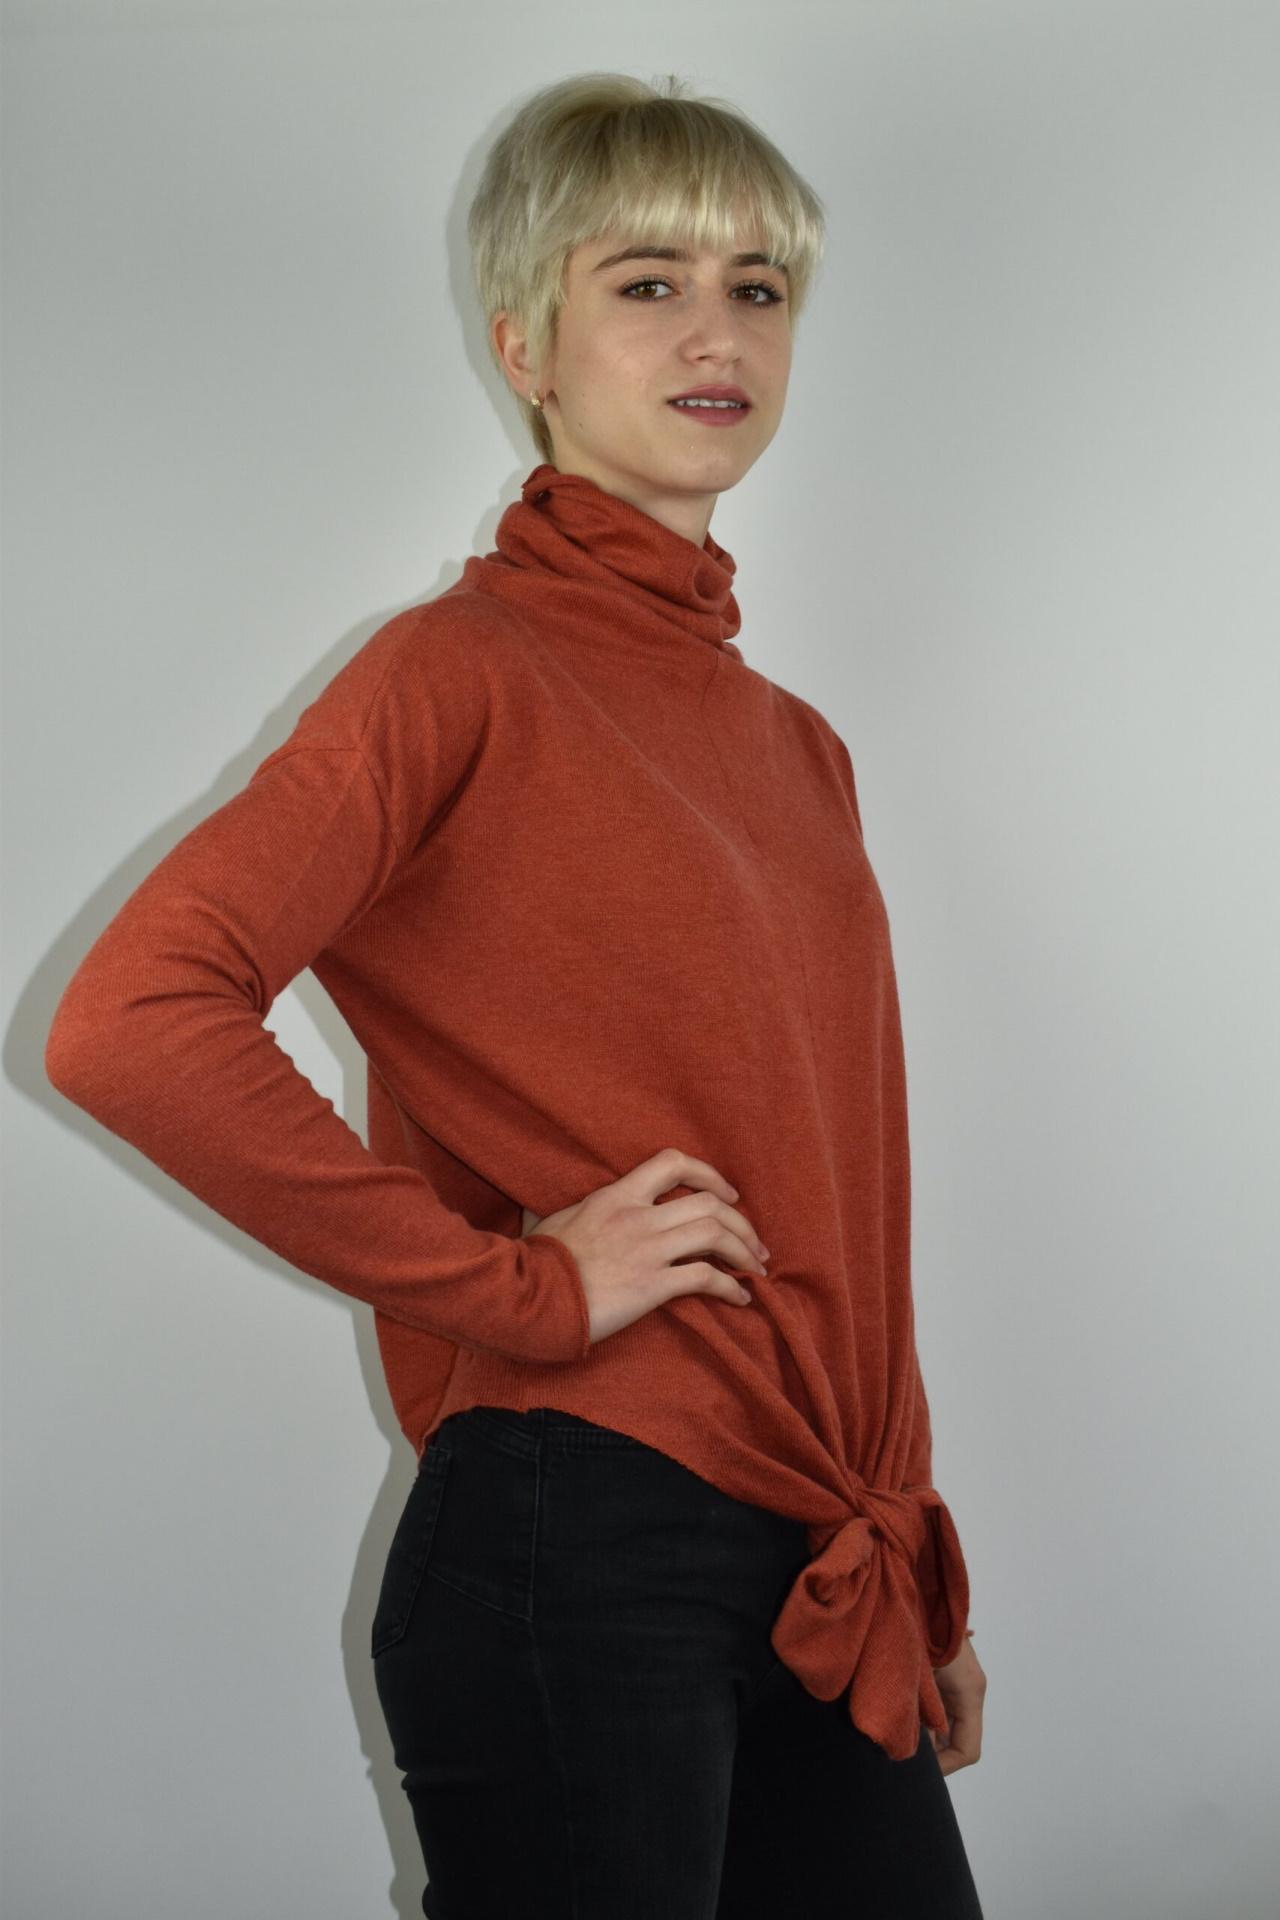 GIADA BRUCIATO MAGLIA DONNA CASHMERE SETA COLLO ALTO MANICA LUNGA 5 1stAmerican maglia dolcevita collo alto da donna in seta cashmere - maglione manica lunga invernale finezza 14